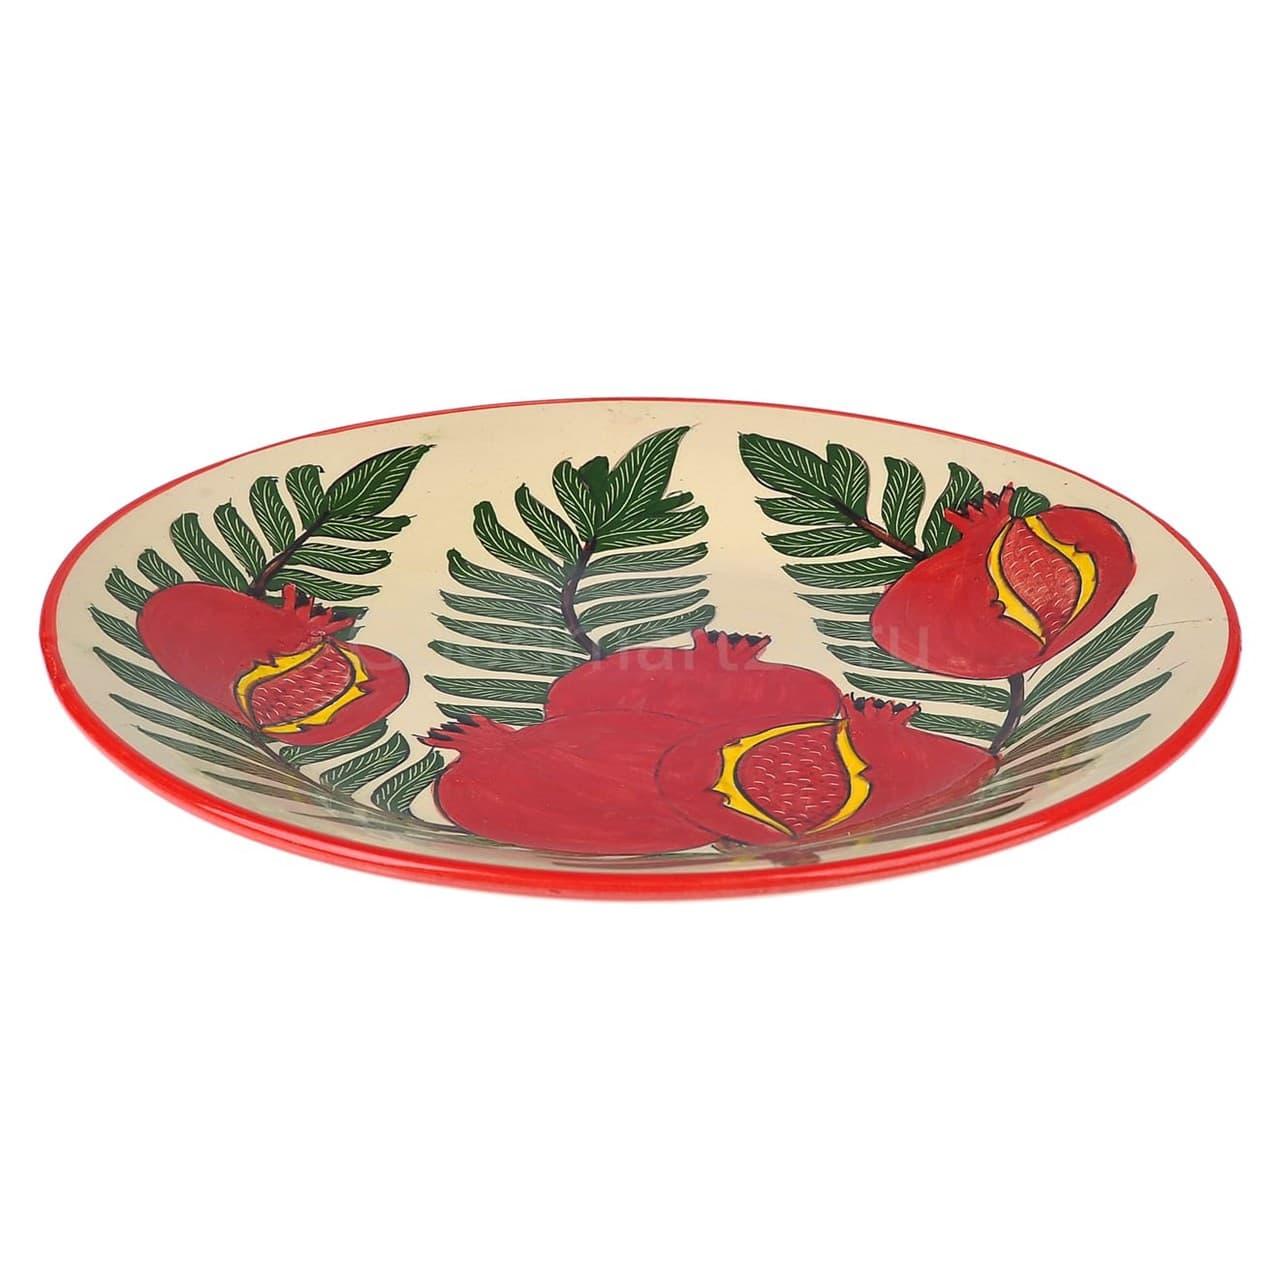 Набор чайный Риштанская Керамика, 9 предметов, Гранат - фото 9486